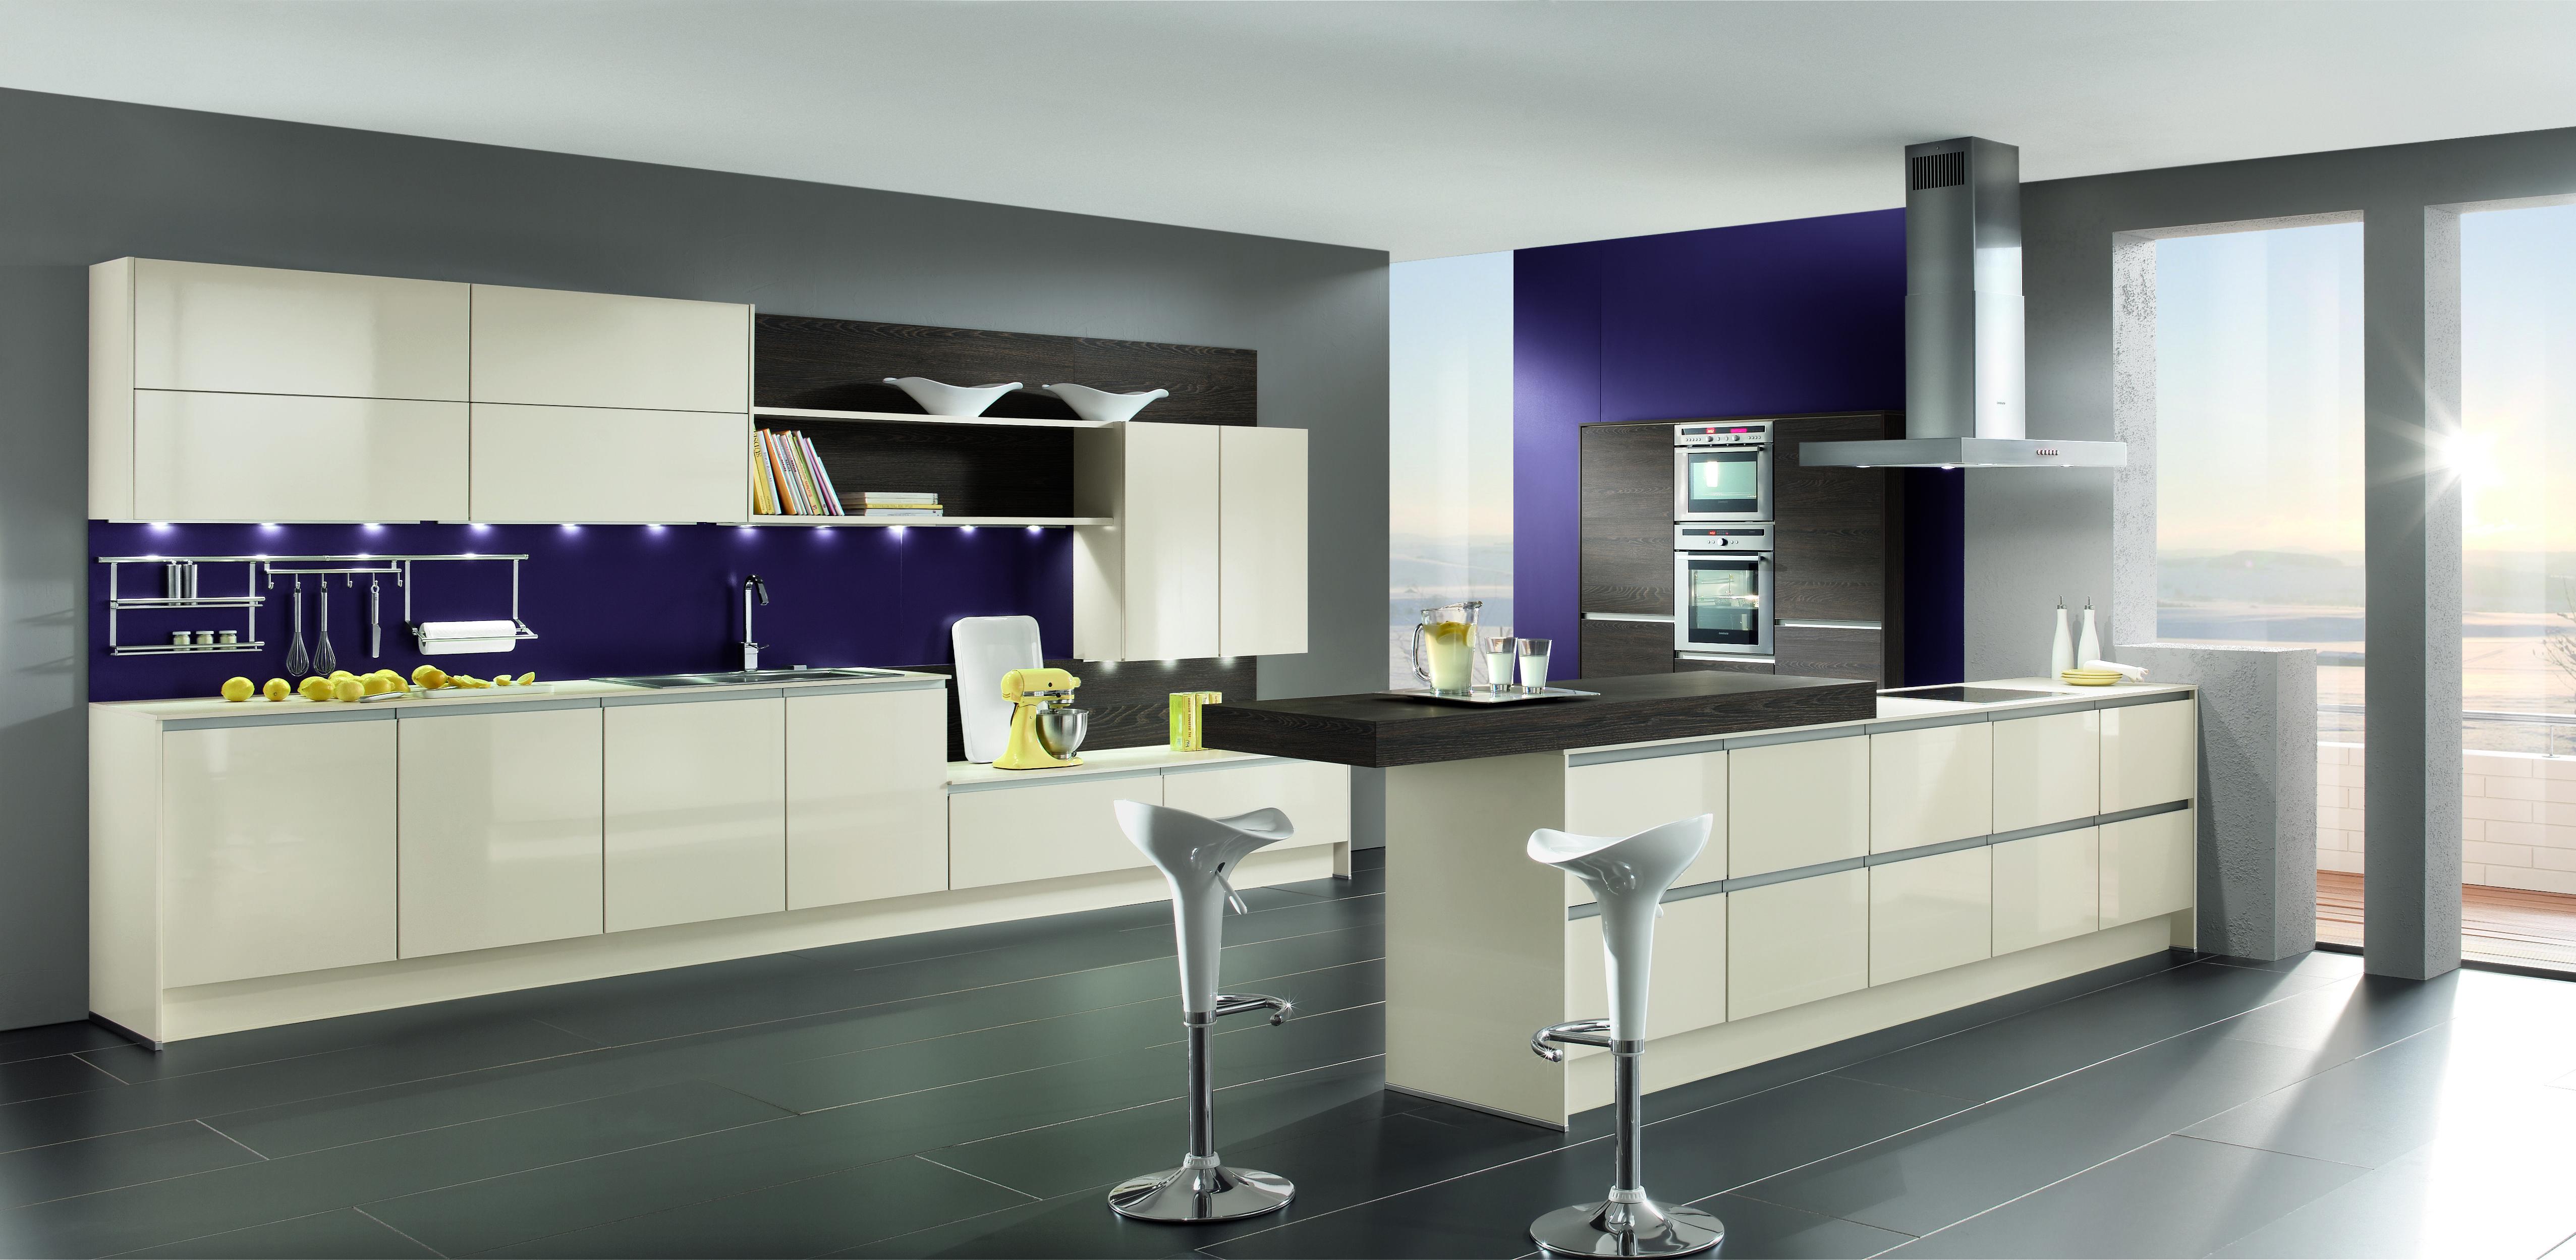 Foto 3 de muebles de ba o y cocina en madrid dise o en for Muebles para bano y cocina